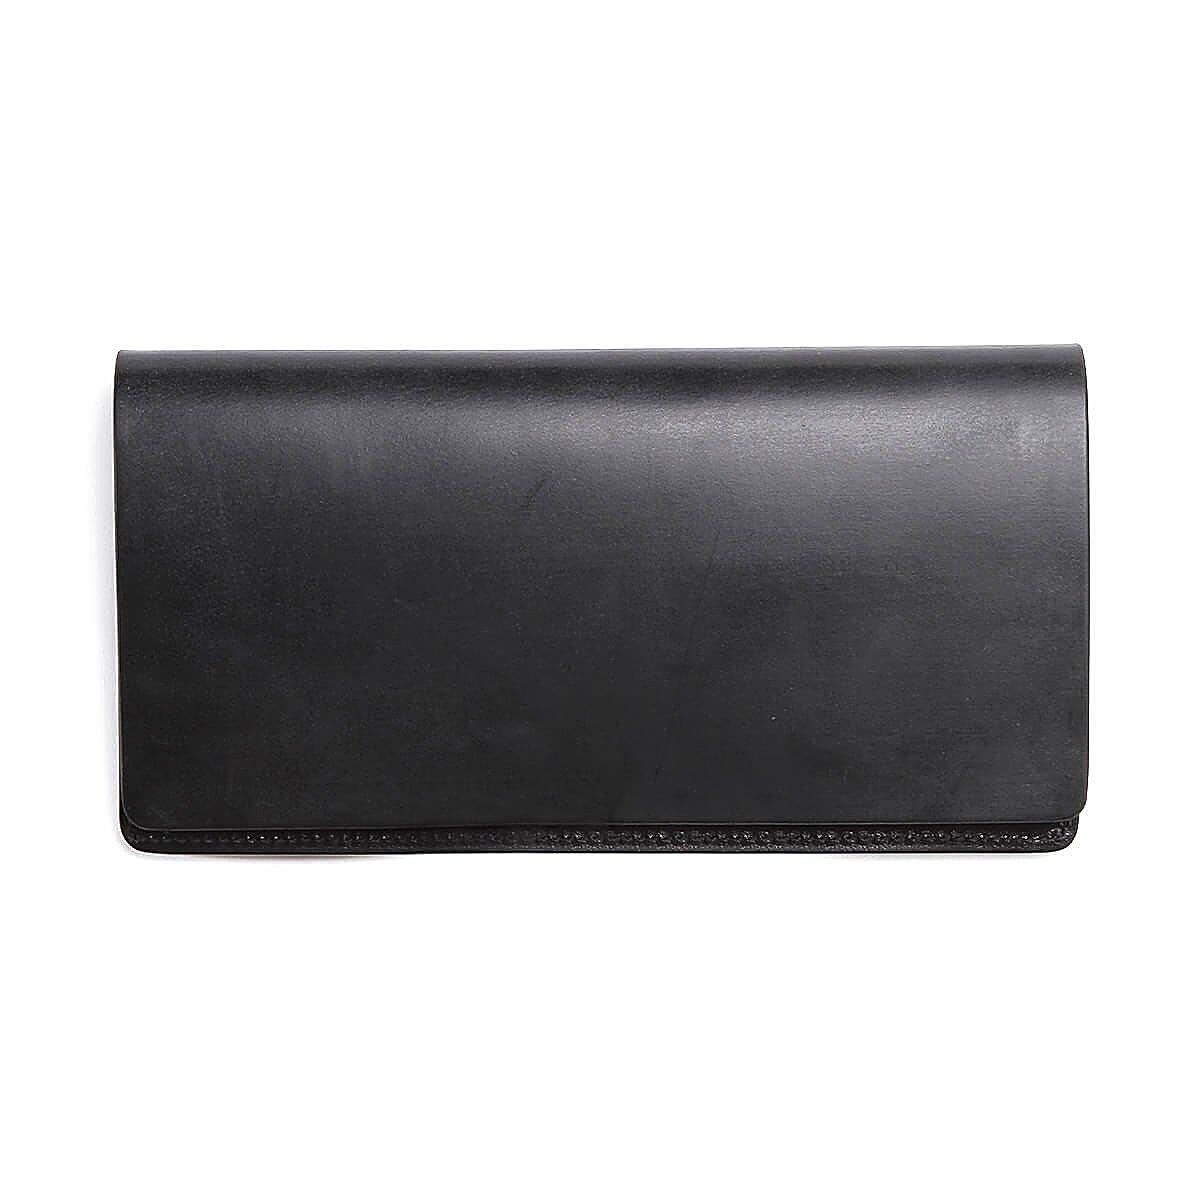 スロウ 長財布 bridle SO642G B078HPJJT6 ブラック ブラック